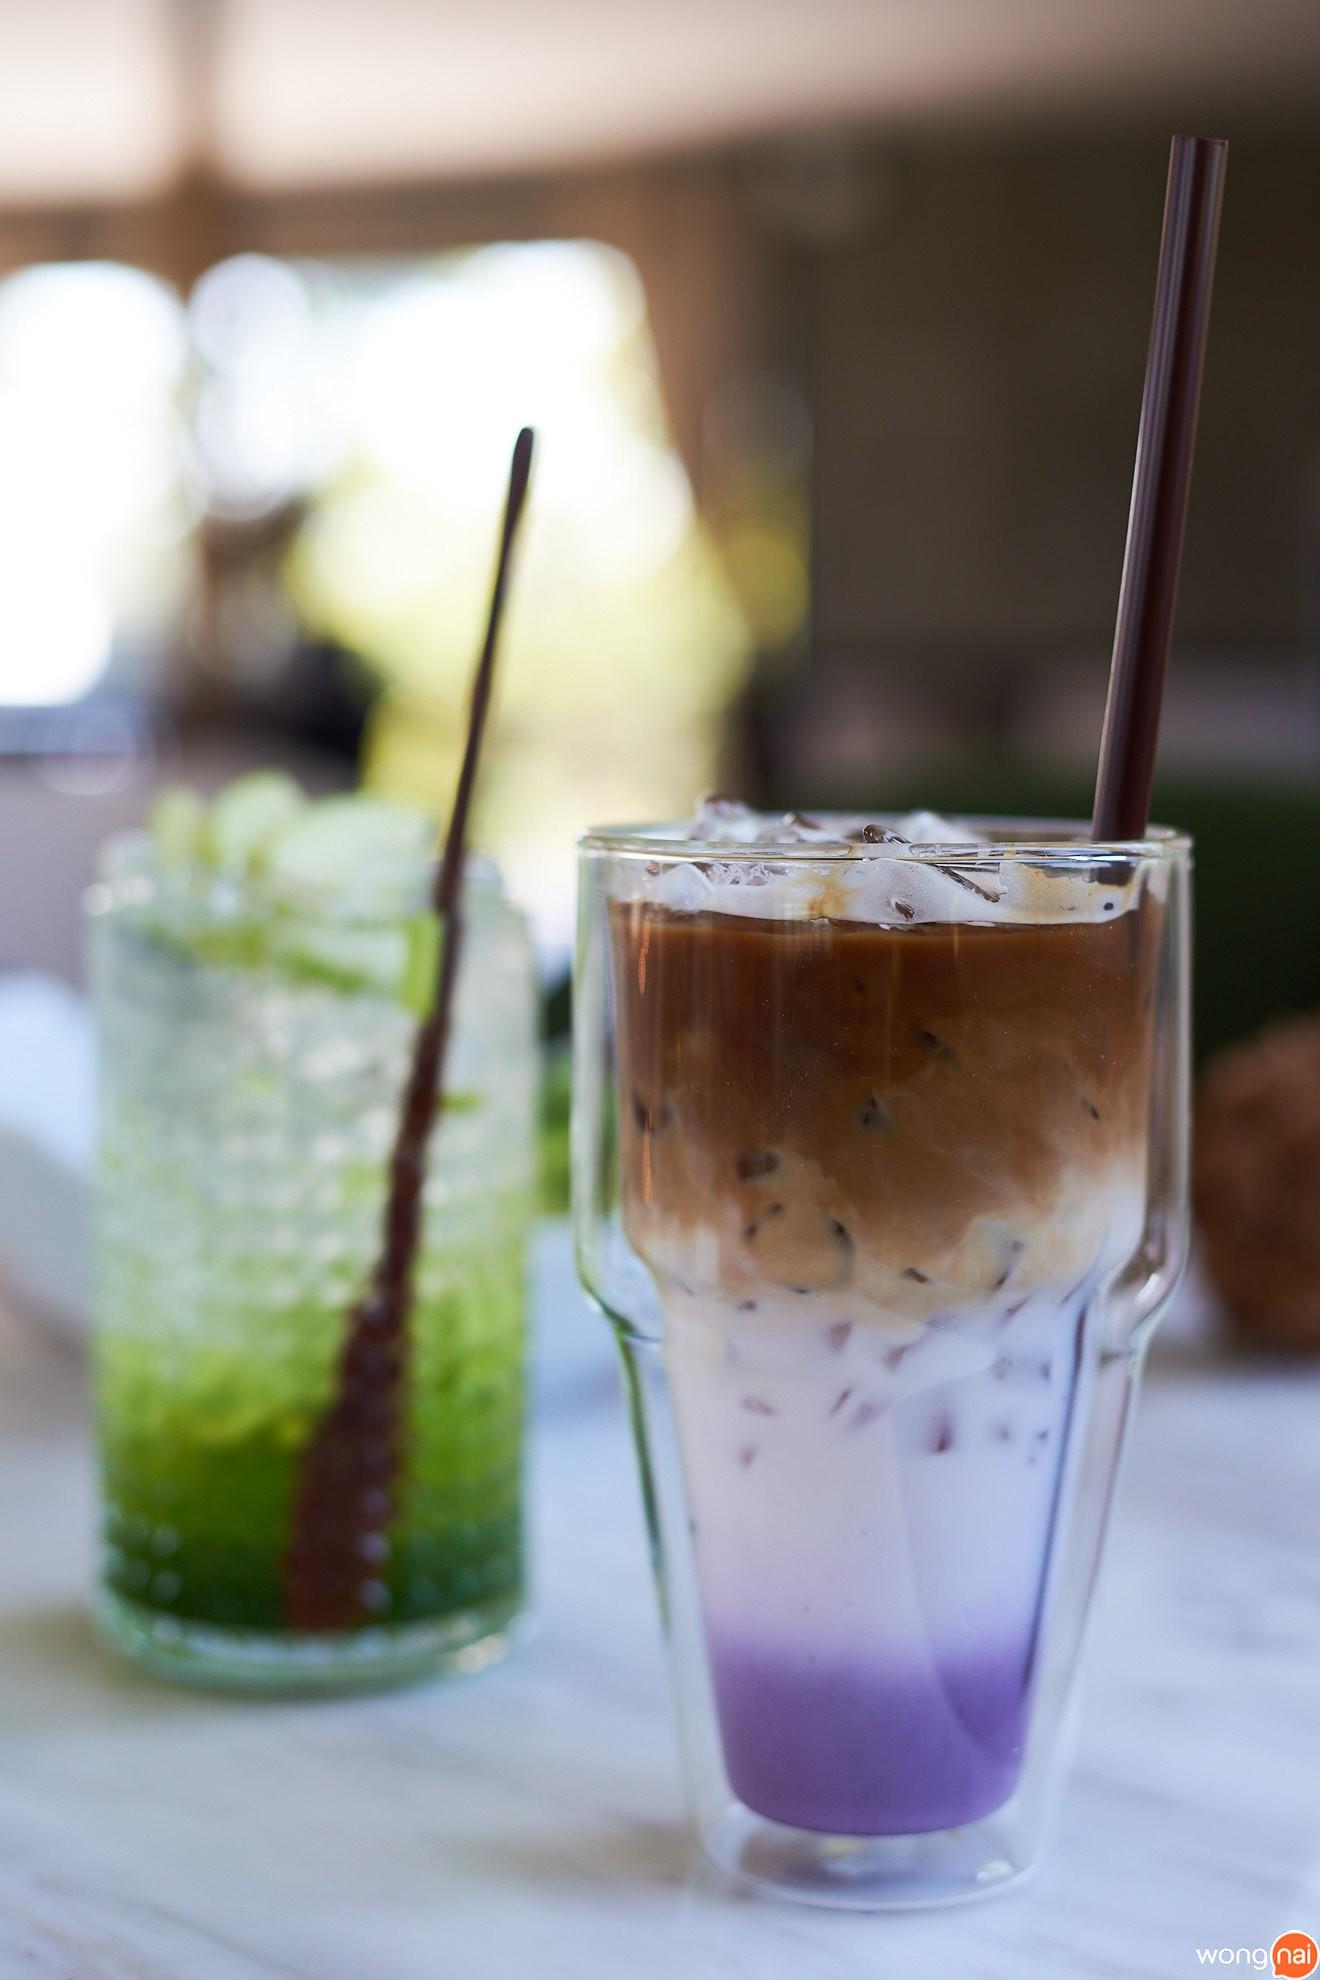 เมนู มุราซากิ ไอซ์ลาเต้ ร้าน Dé Ya Cafe